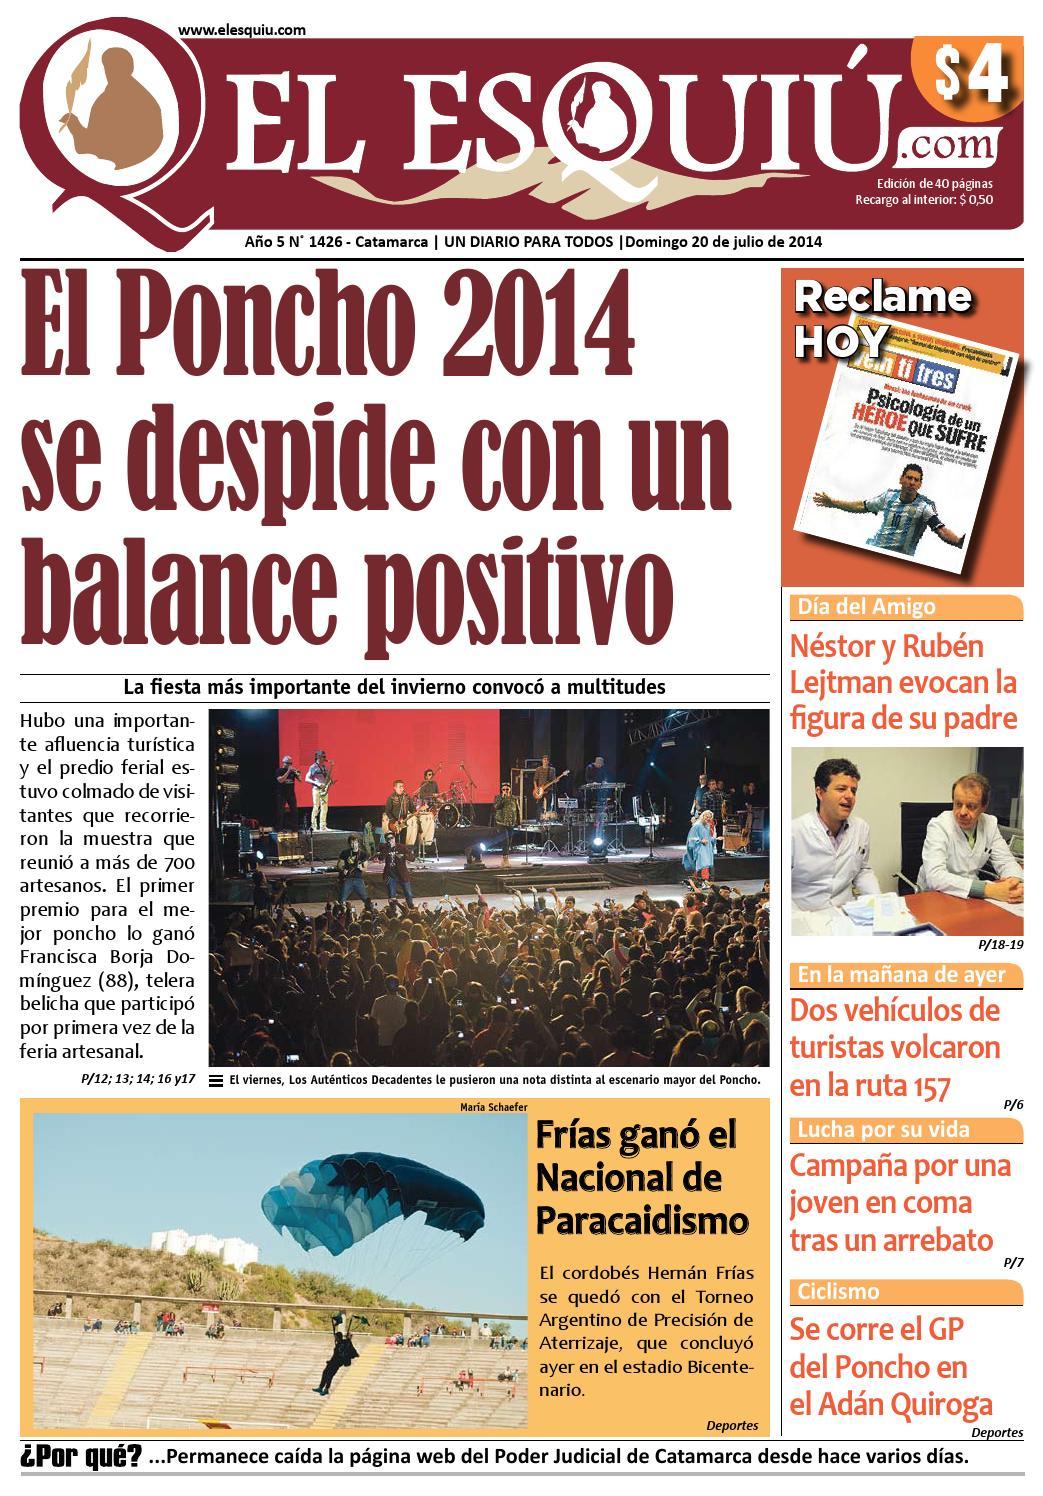 Muebles Lejtman - El Esquiu Com Domingo 20 De Julio De 2014 By Editorial El Esqui [mjhdah]https://image.isu.pub/170624030733-36af0392b1a90b59e22a6fb24caad51b/jpg/page_1.jpg